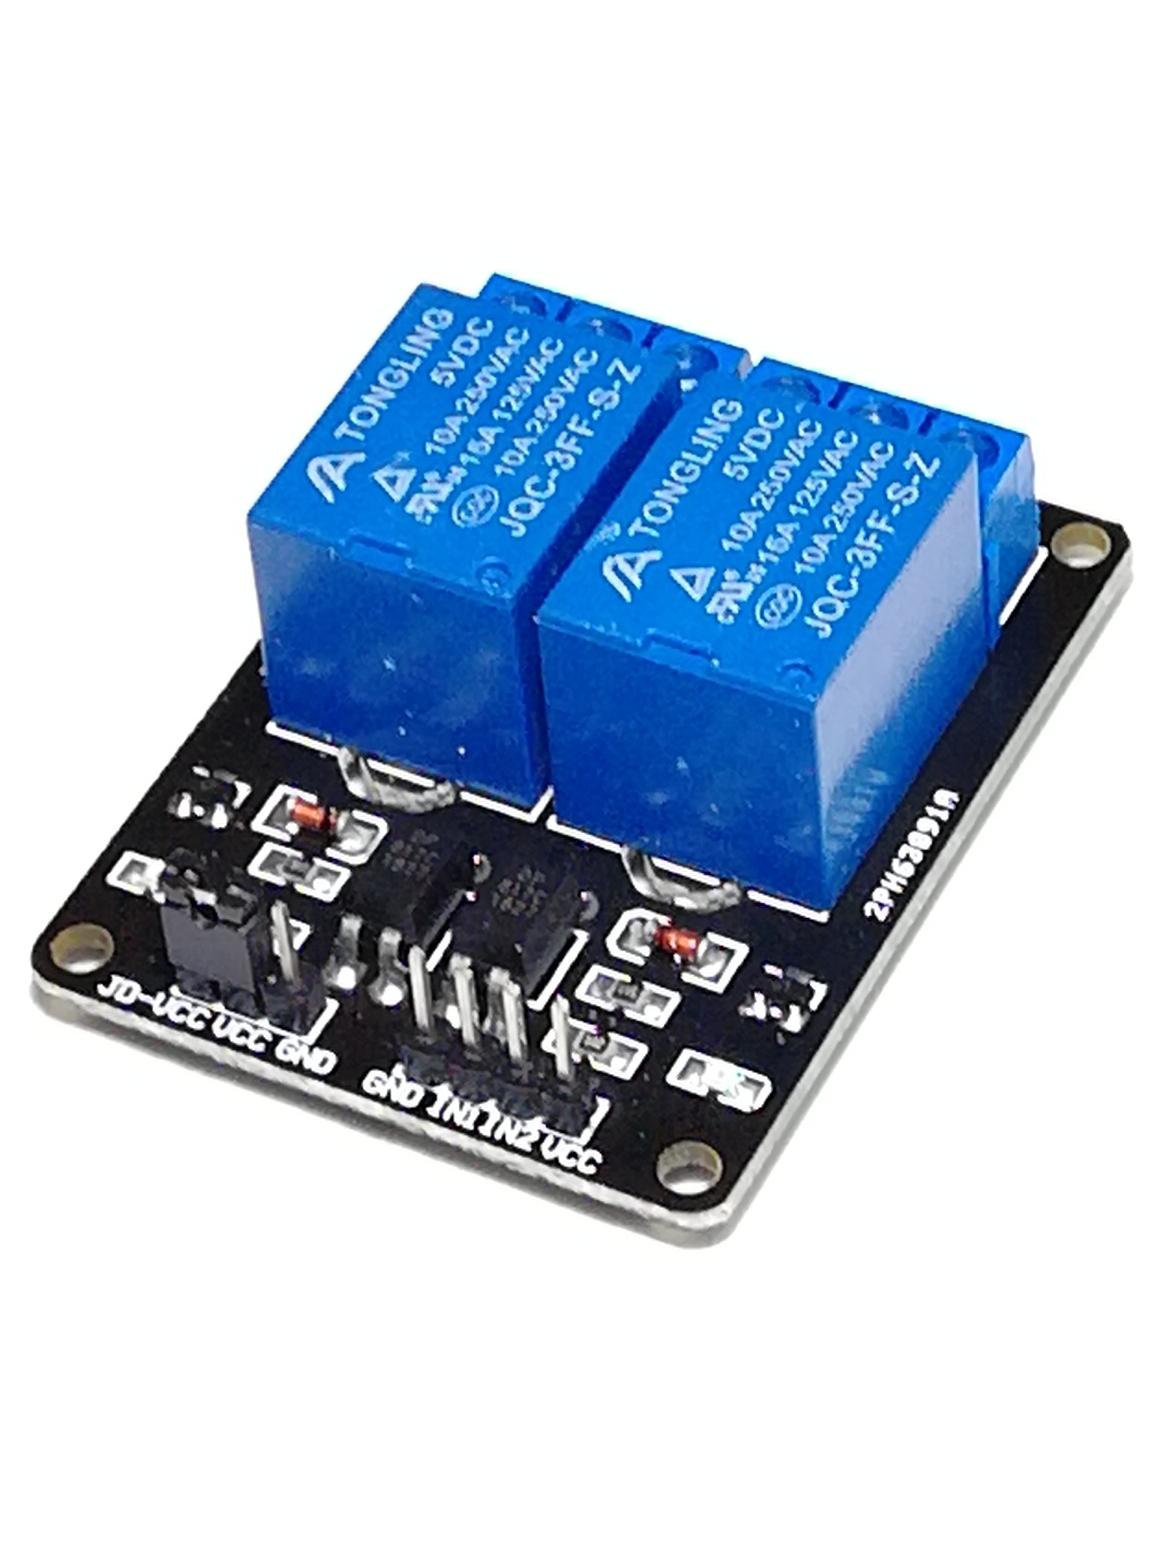 Релейный модуль 2 канала 5В (LOW)